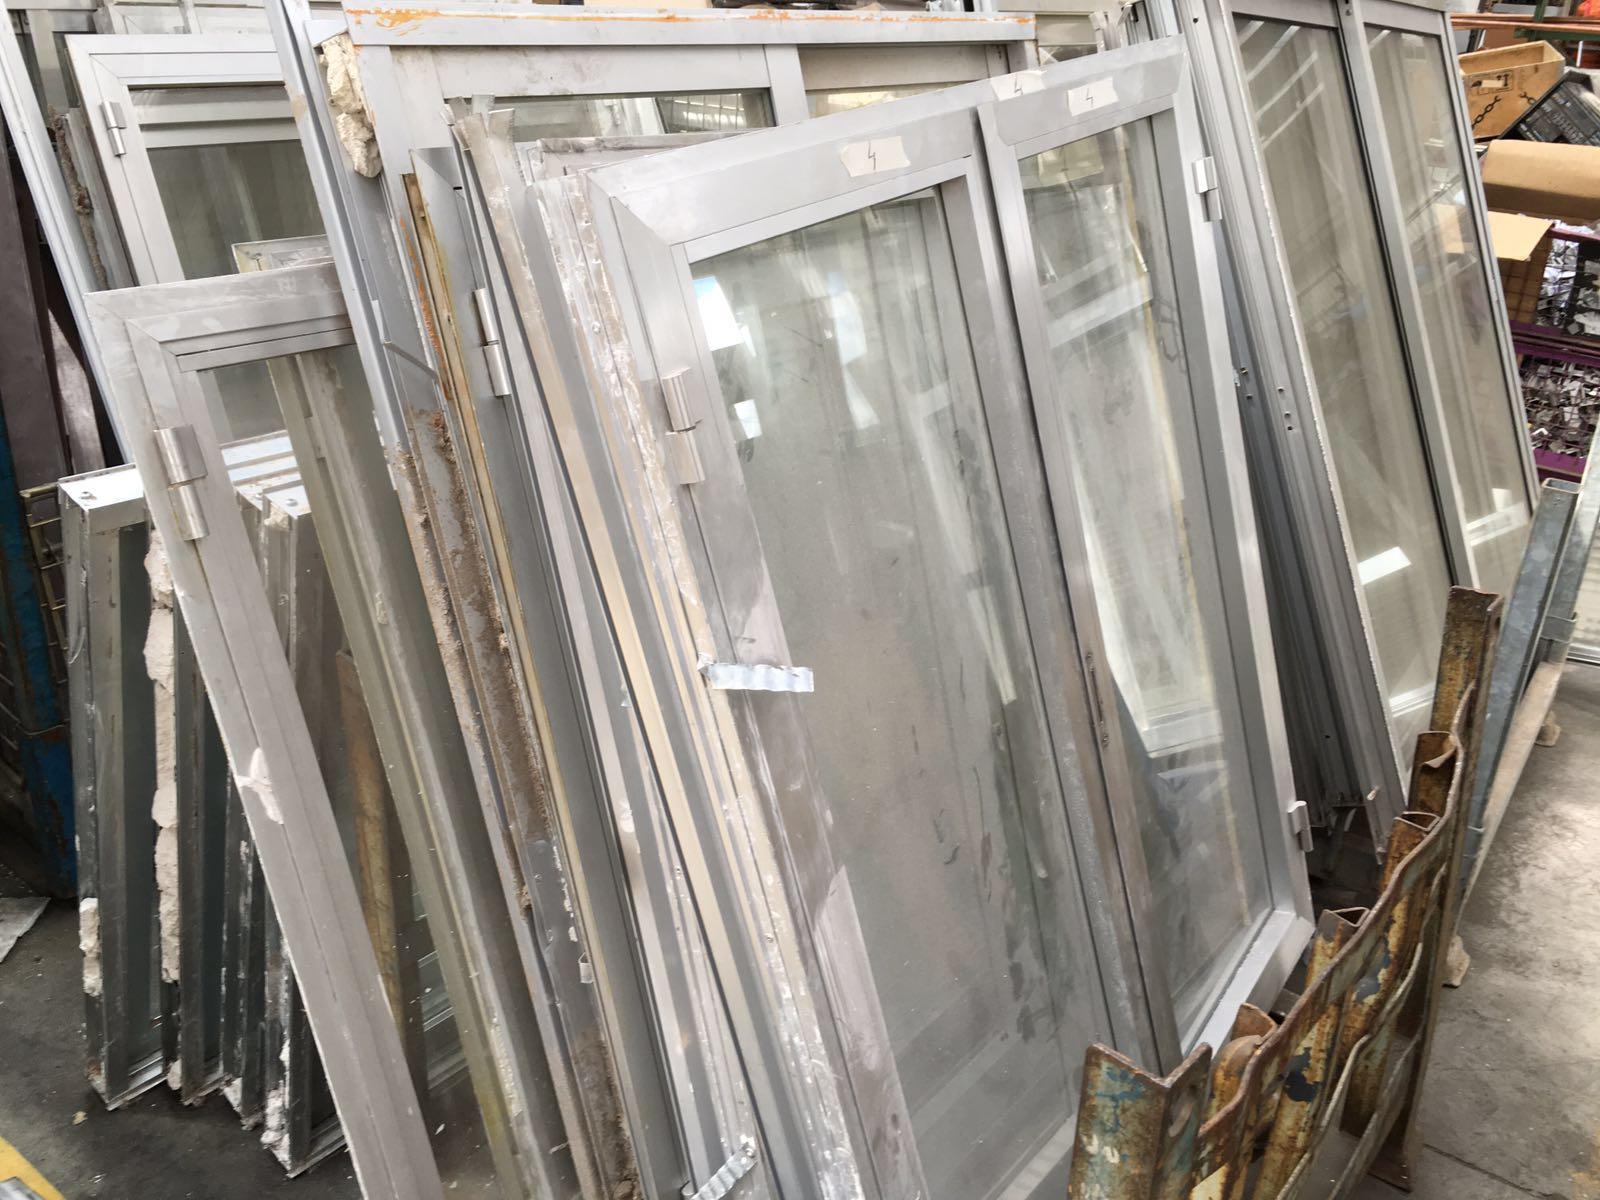 Realca ventanas de segunda mano de aluminio for Ventanas de aluminio de segunda mano